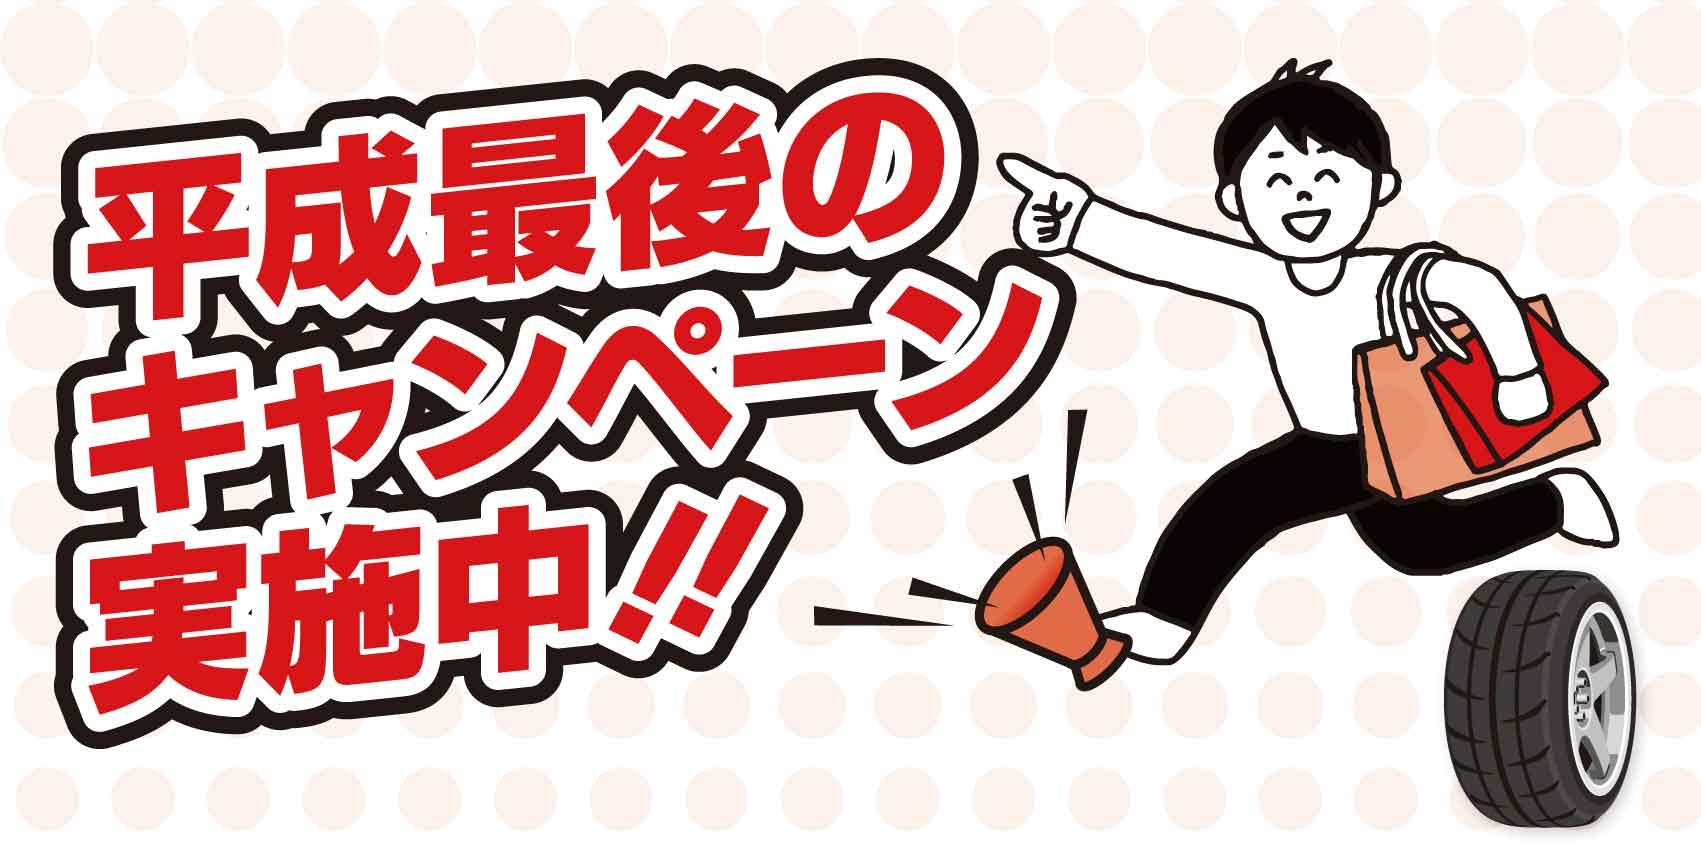 【久留米店】平成を売りつくせ お客様大感謝祭